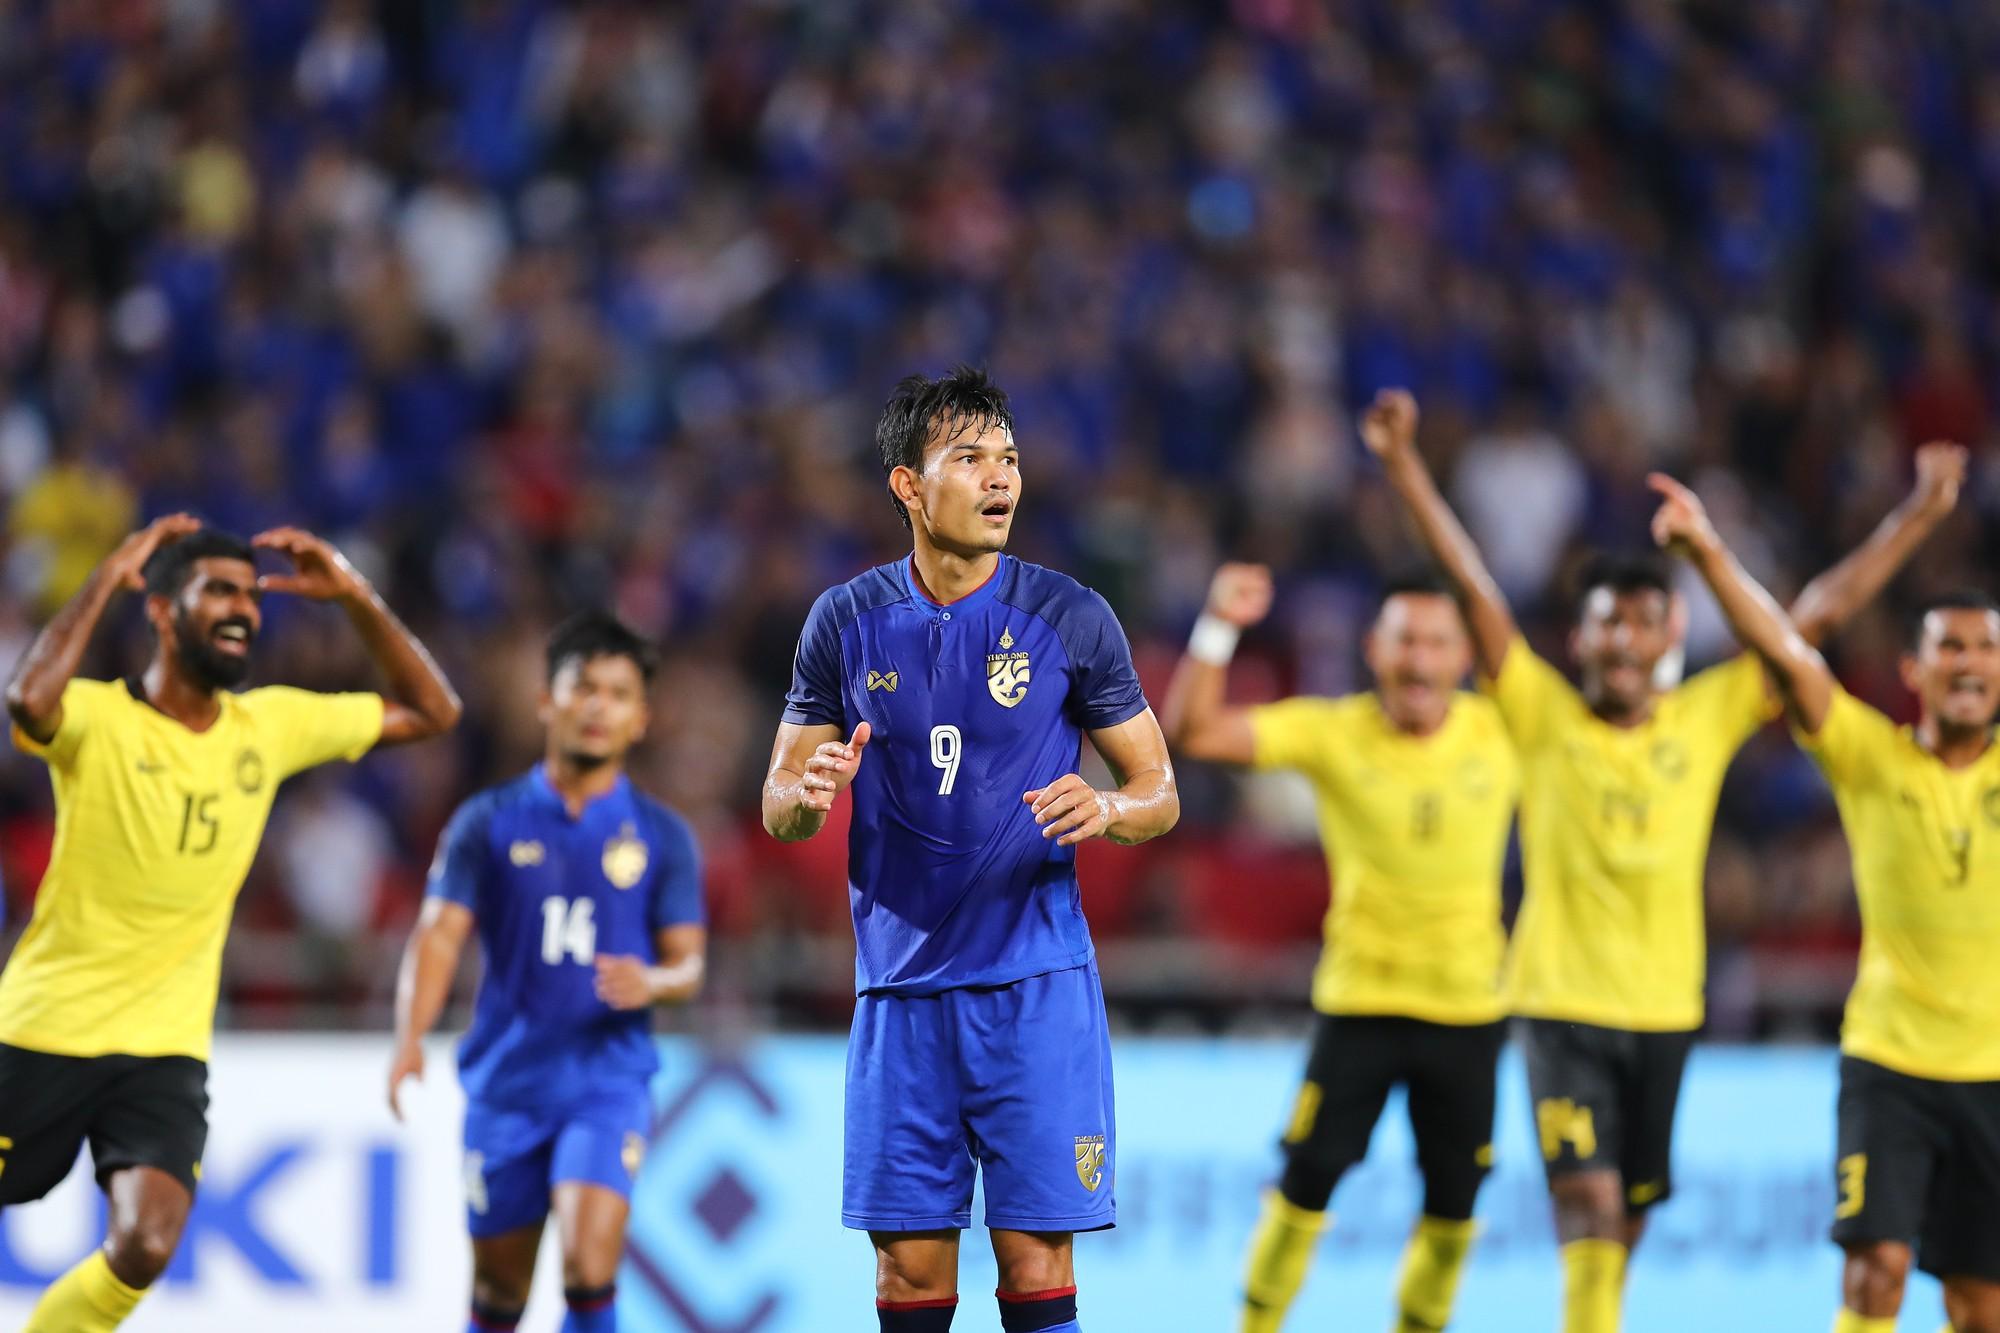 Tội đồ của tuyển Thái Lan bật khóc, nức nở nói lời xin lỗi người hâm mộ - Ảnh 1.